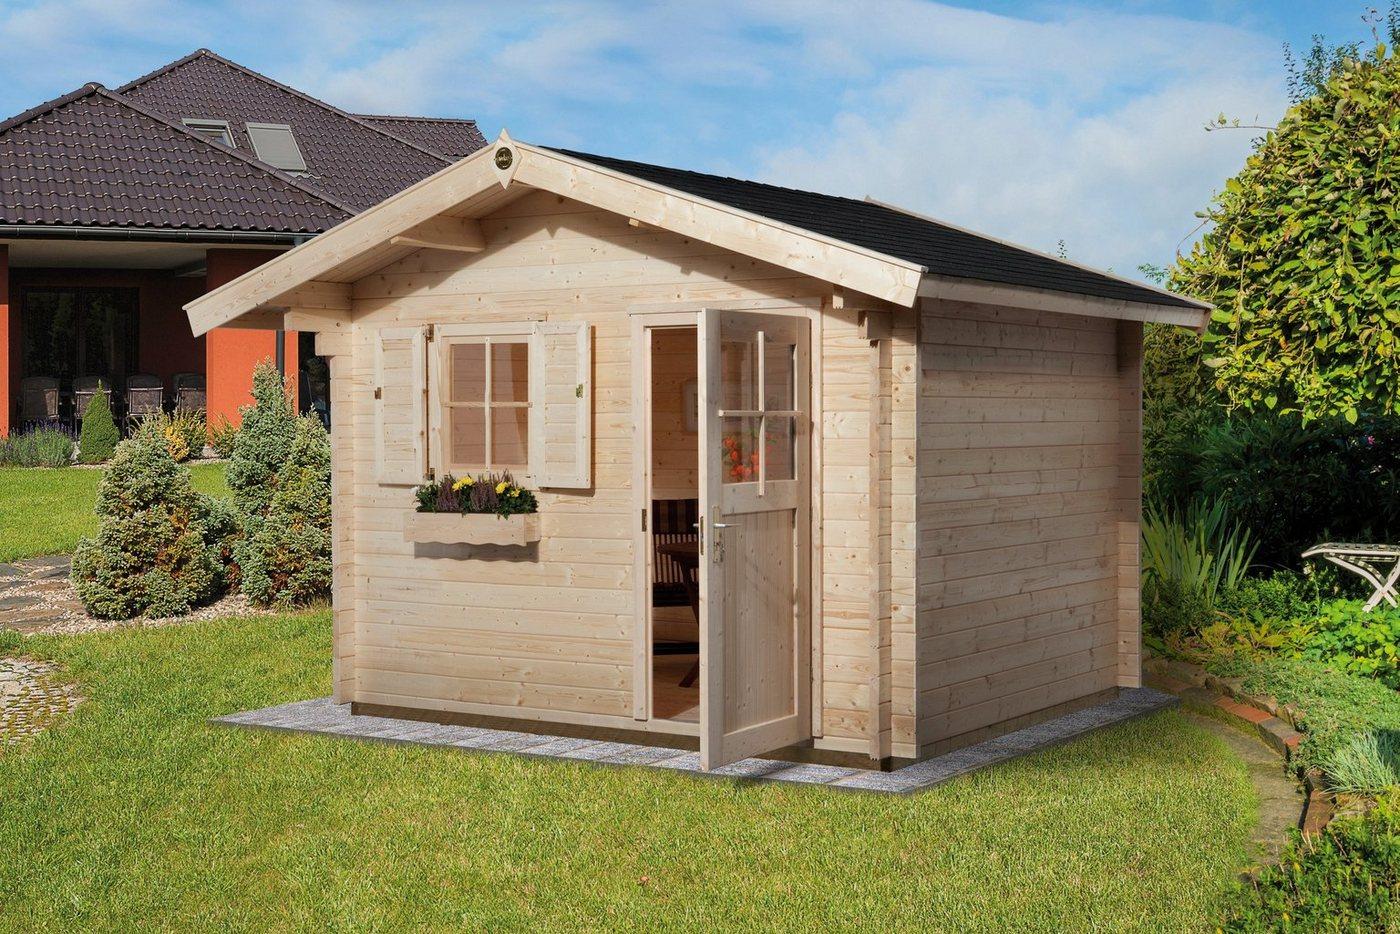 doppeltuer gartenhaus preisvergleiche. Black Bedroom Furniture Sets. Home Design Ideas